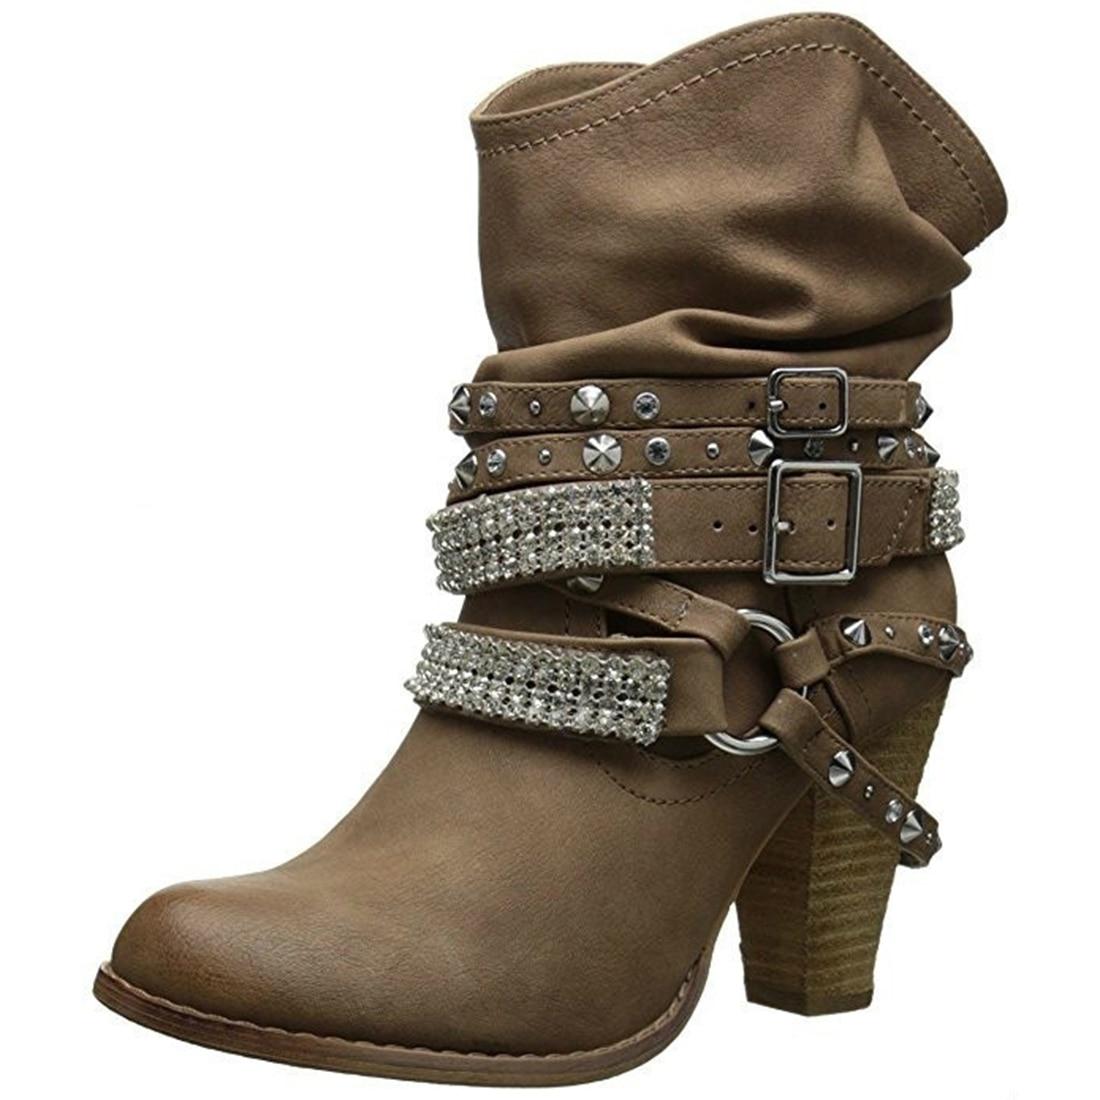 2019 Autumn Winter Shoes women Punk style high heel Boots rivet belt Buckle snow boots PU